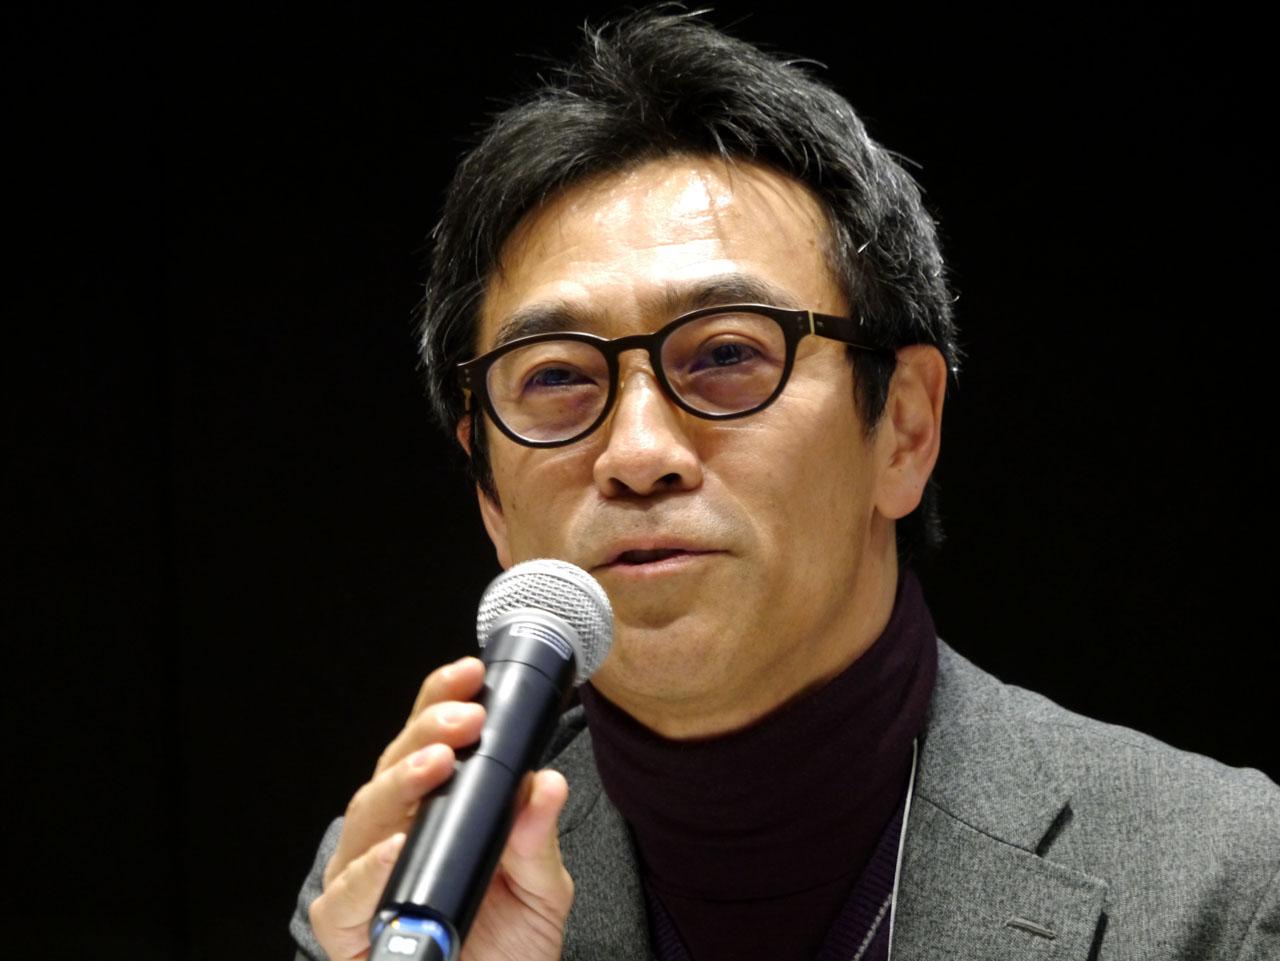 ソラミツ取締役会長の松田一敬氏